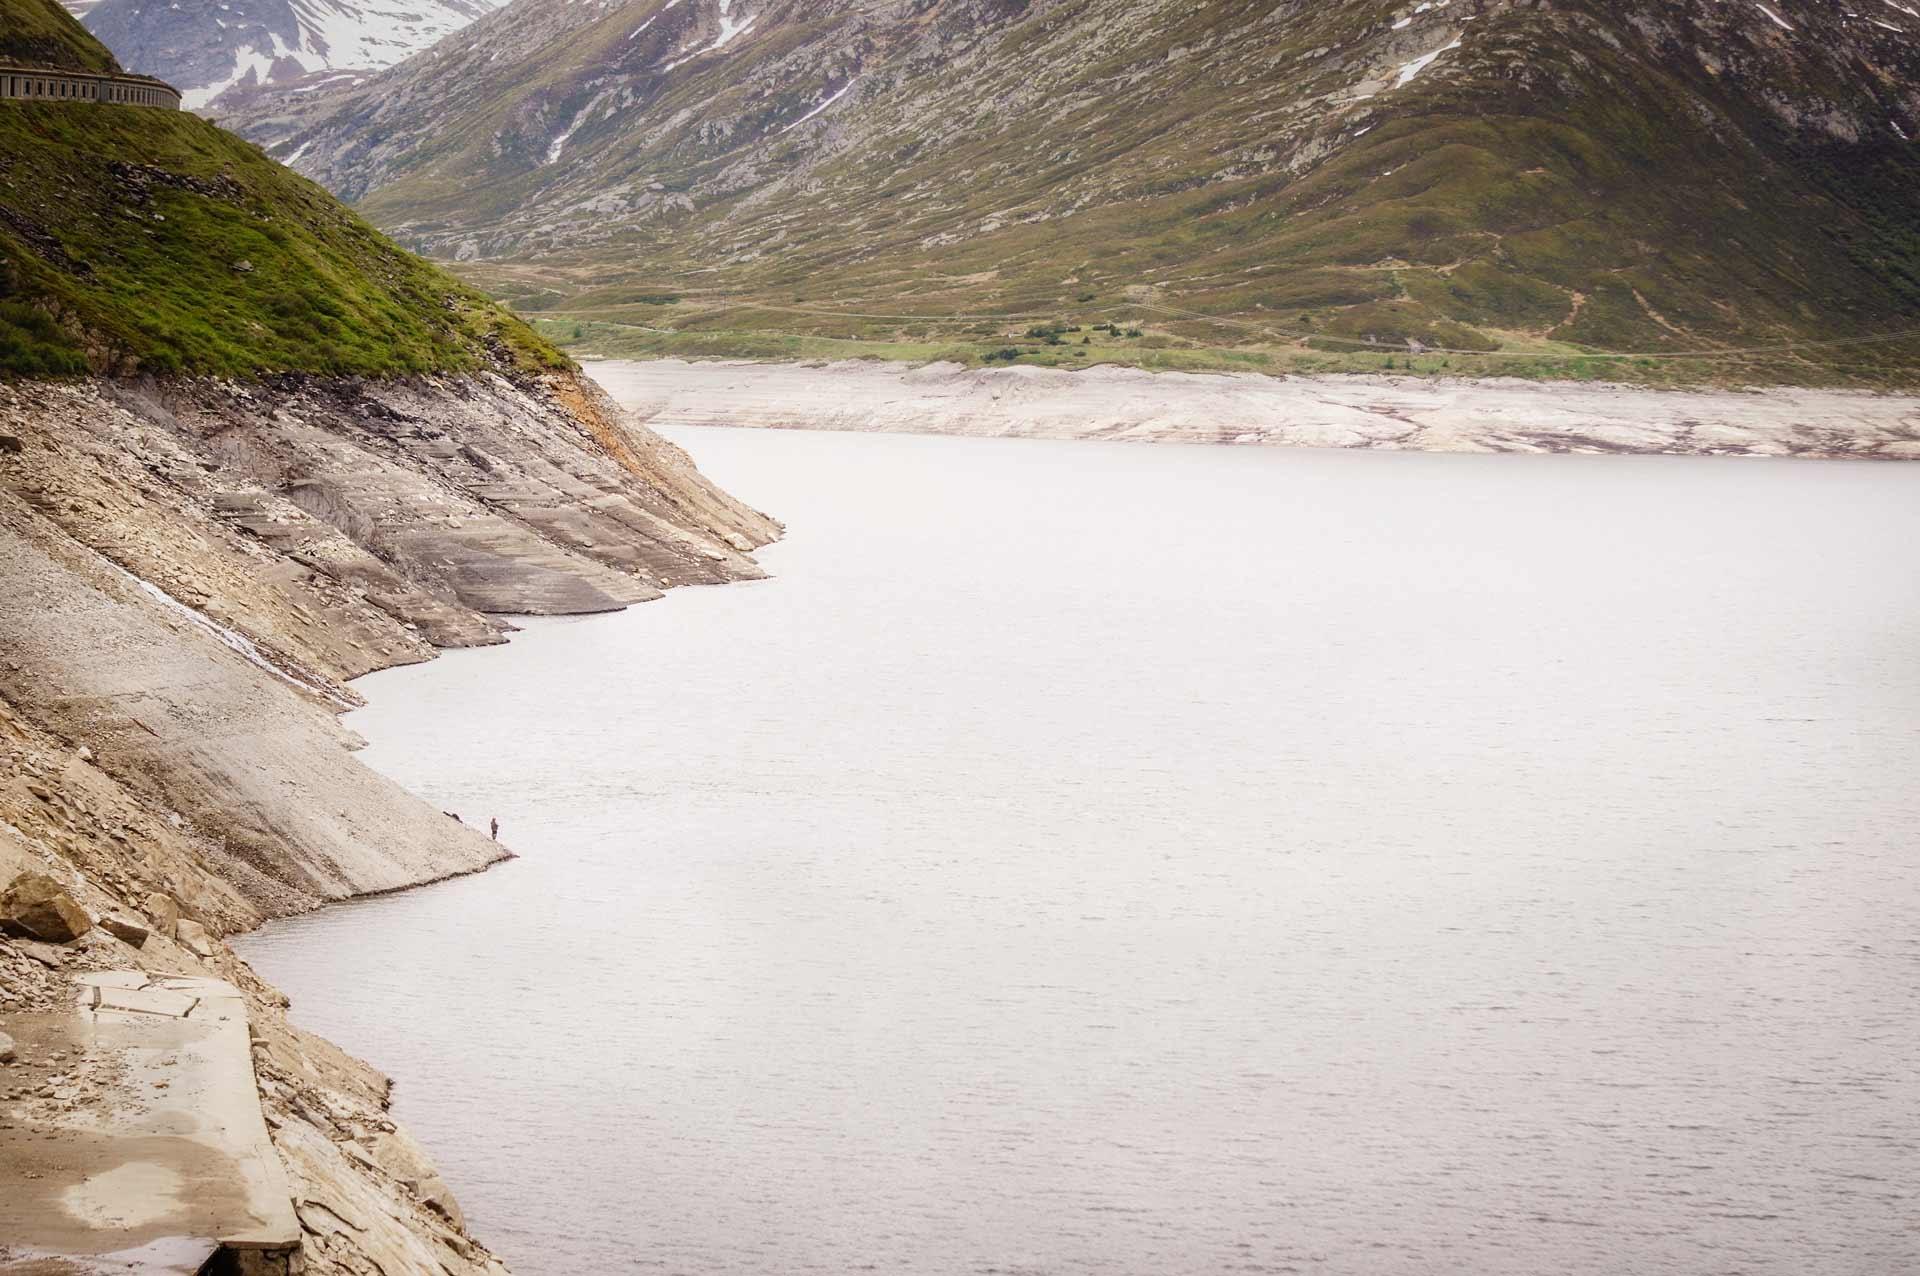 Dam in Alps by Venelin Todorov